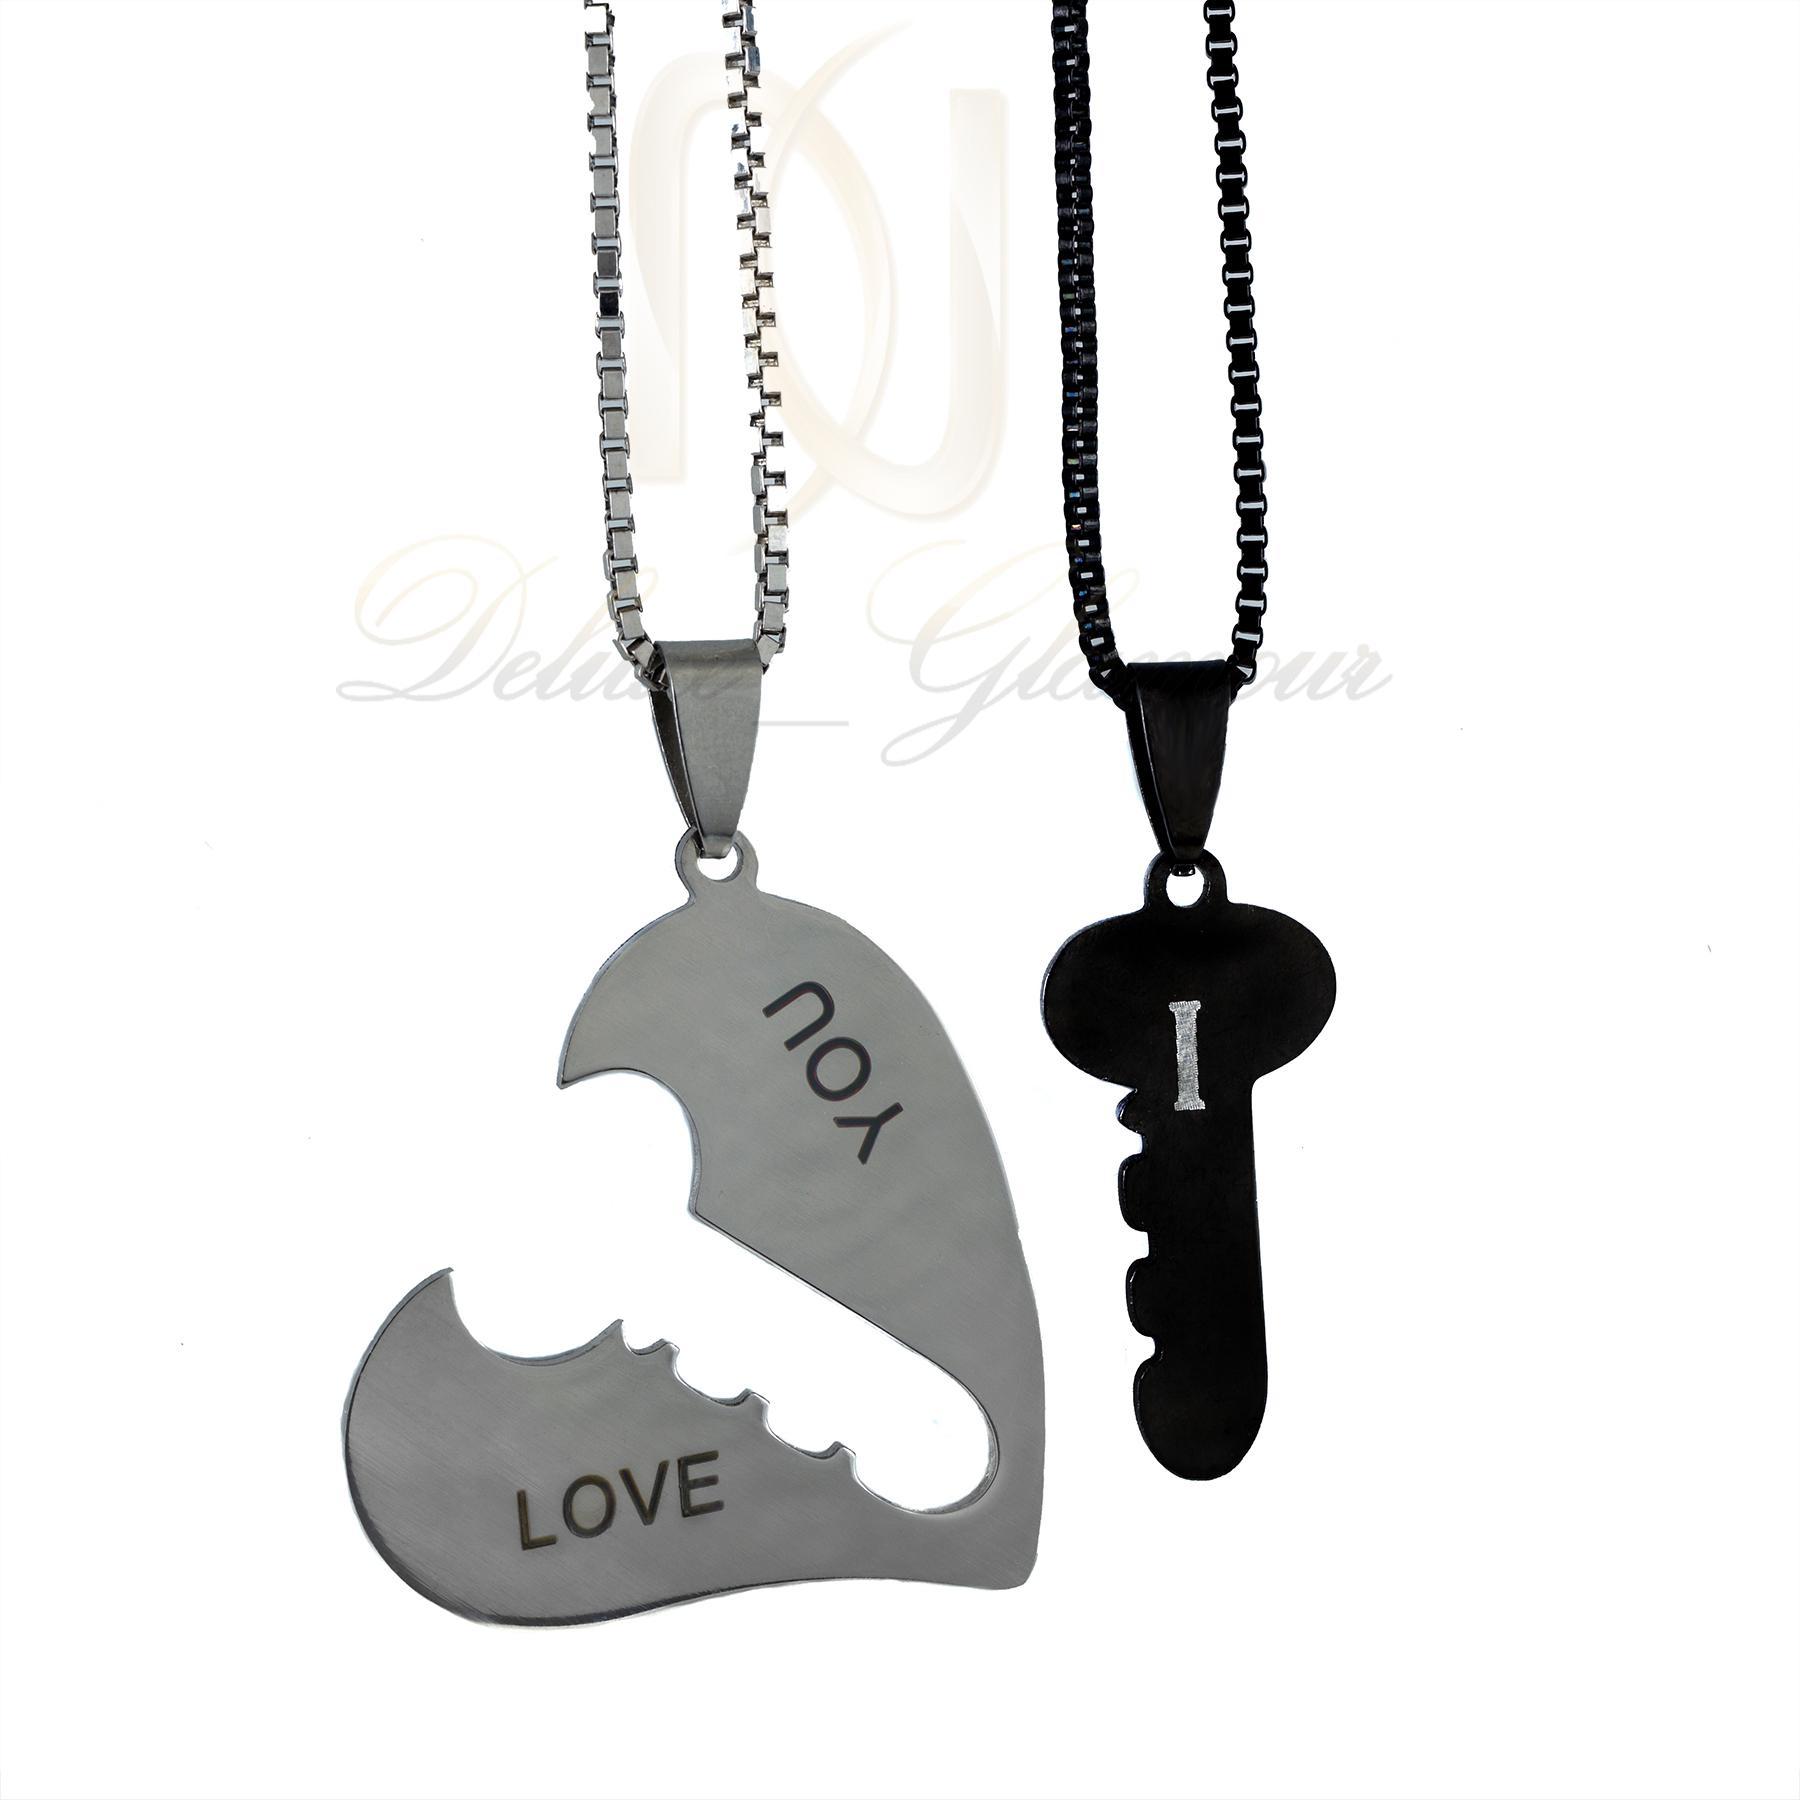 گردنبند ست عاشقانه طرح قلب و کلید mf-n115 از نمای روبرو